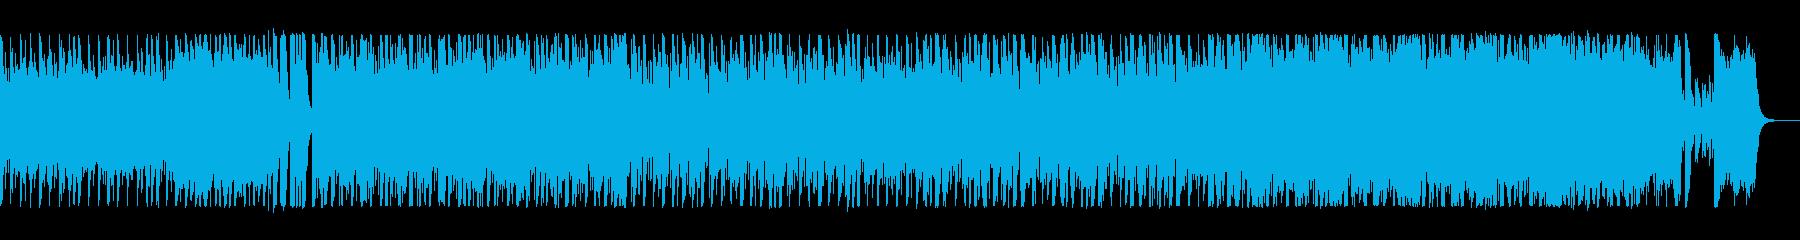 鼓動のようなシンセのリズムが特徴の楽曲の再生済みの波形